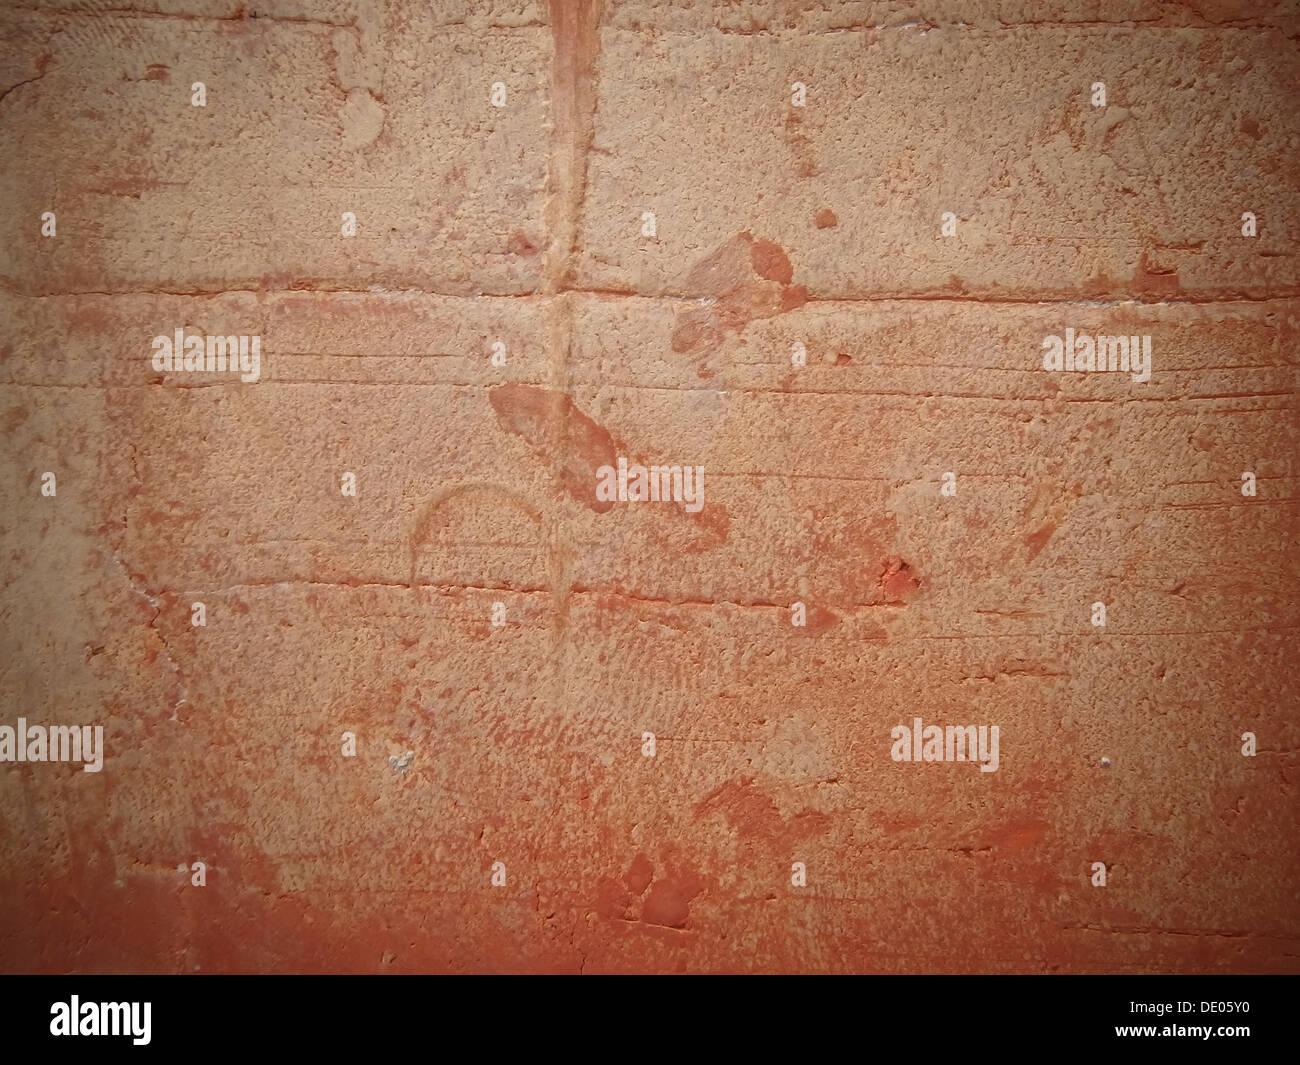 aus rotem Backstein Textur Makro Nahaufnahme detaillierte Kopie Raum Oberfläche Hintergrund Stockbild